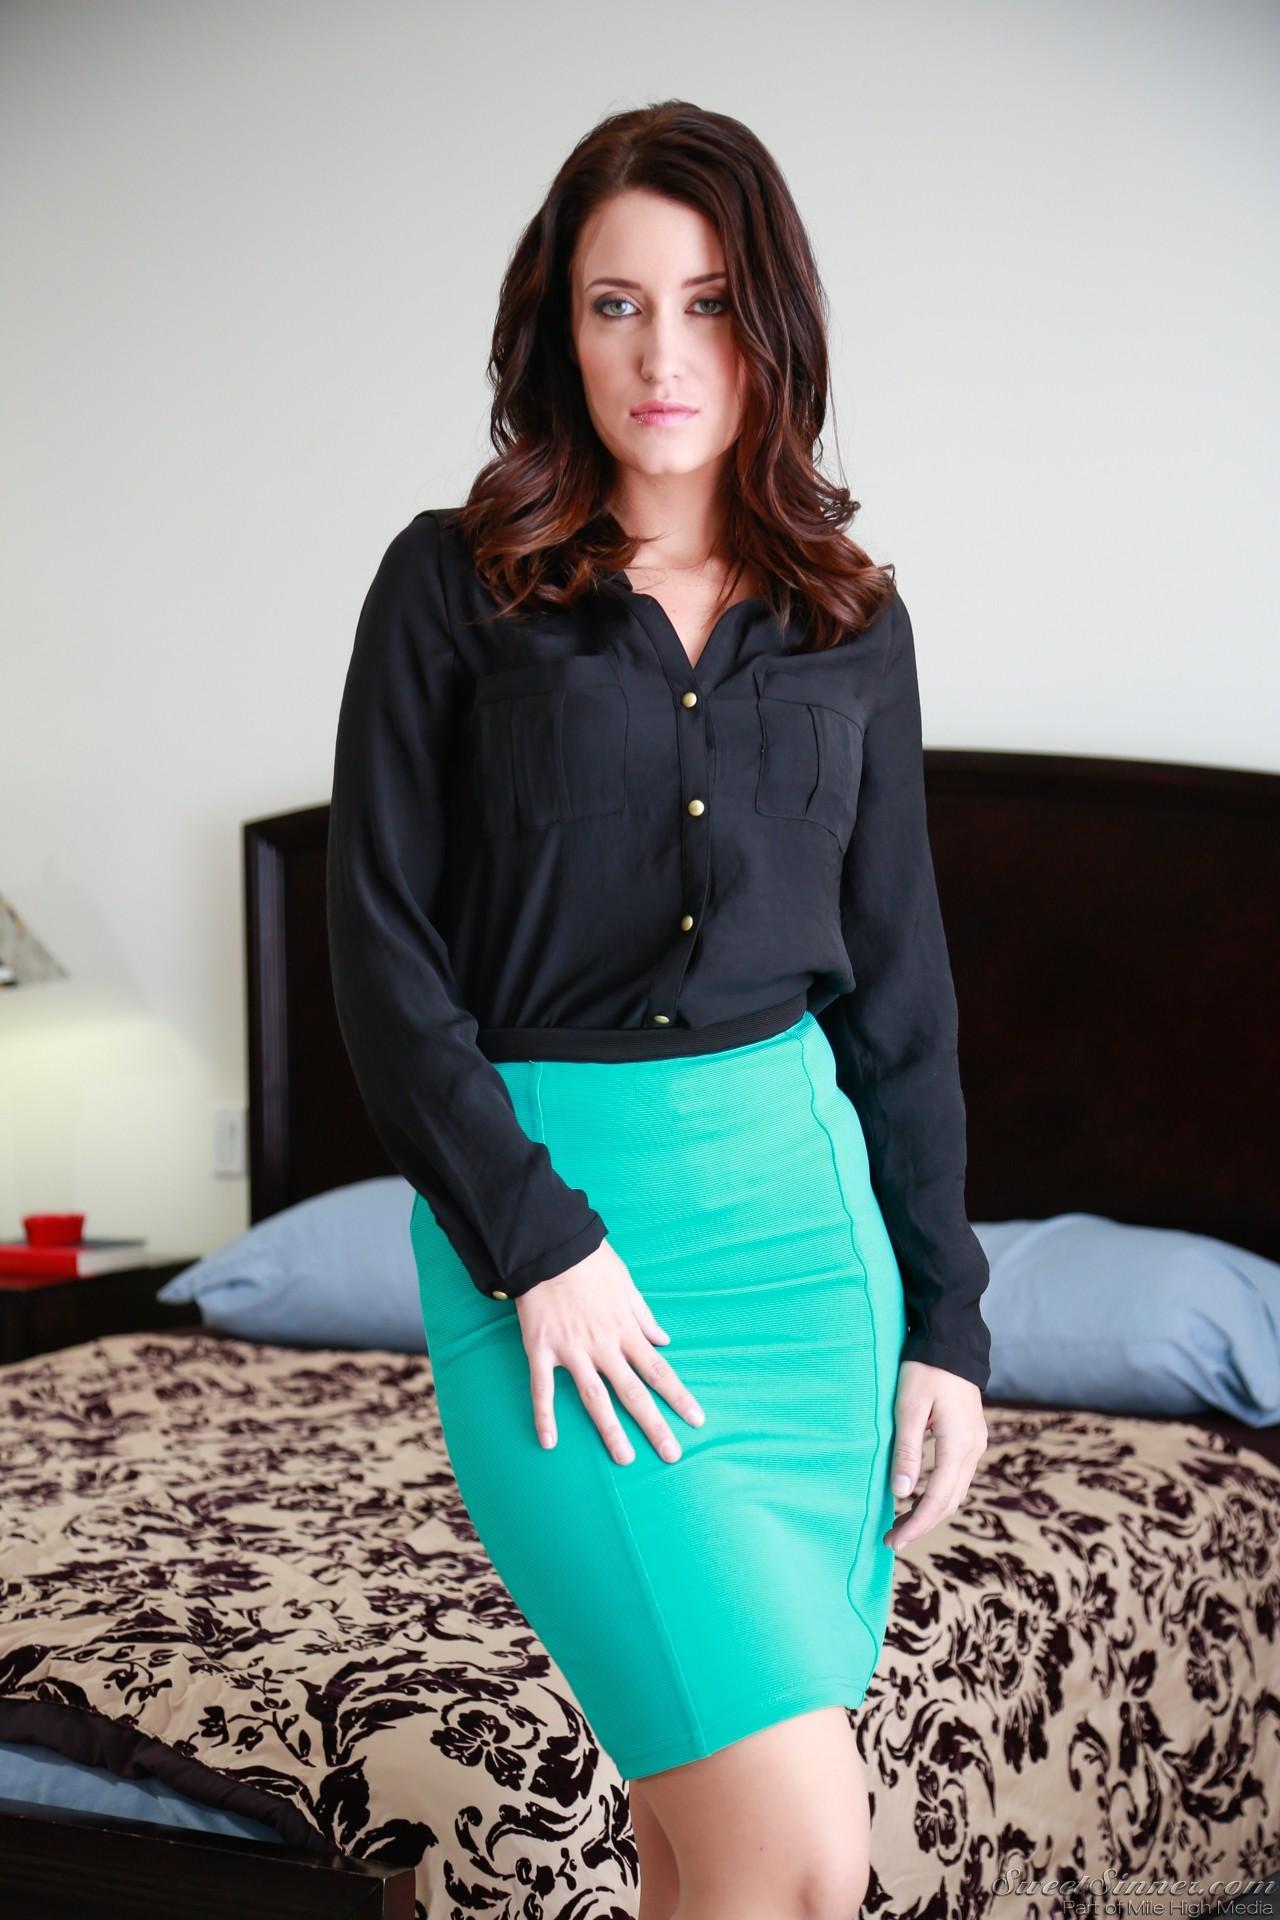 Kimberly Kane, Richie Deville - stedmoderen 09 77929-9529